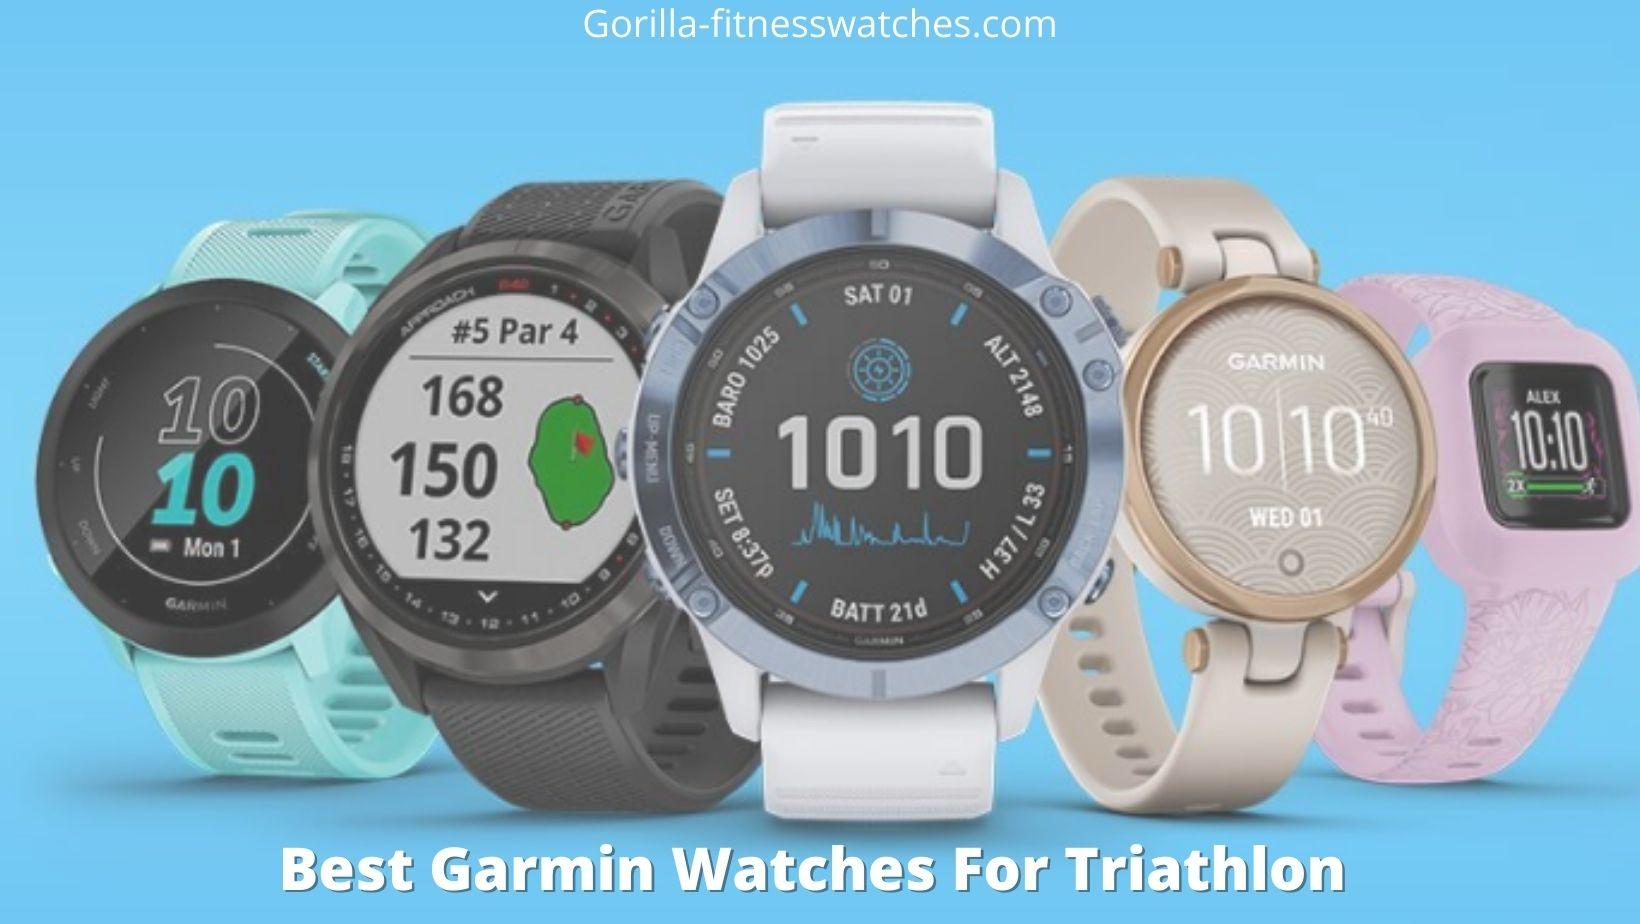 Best Garmin Watches For Triathlon